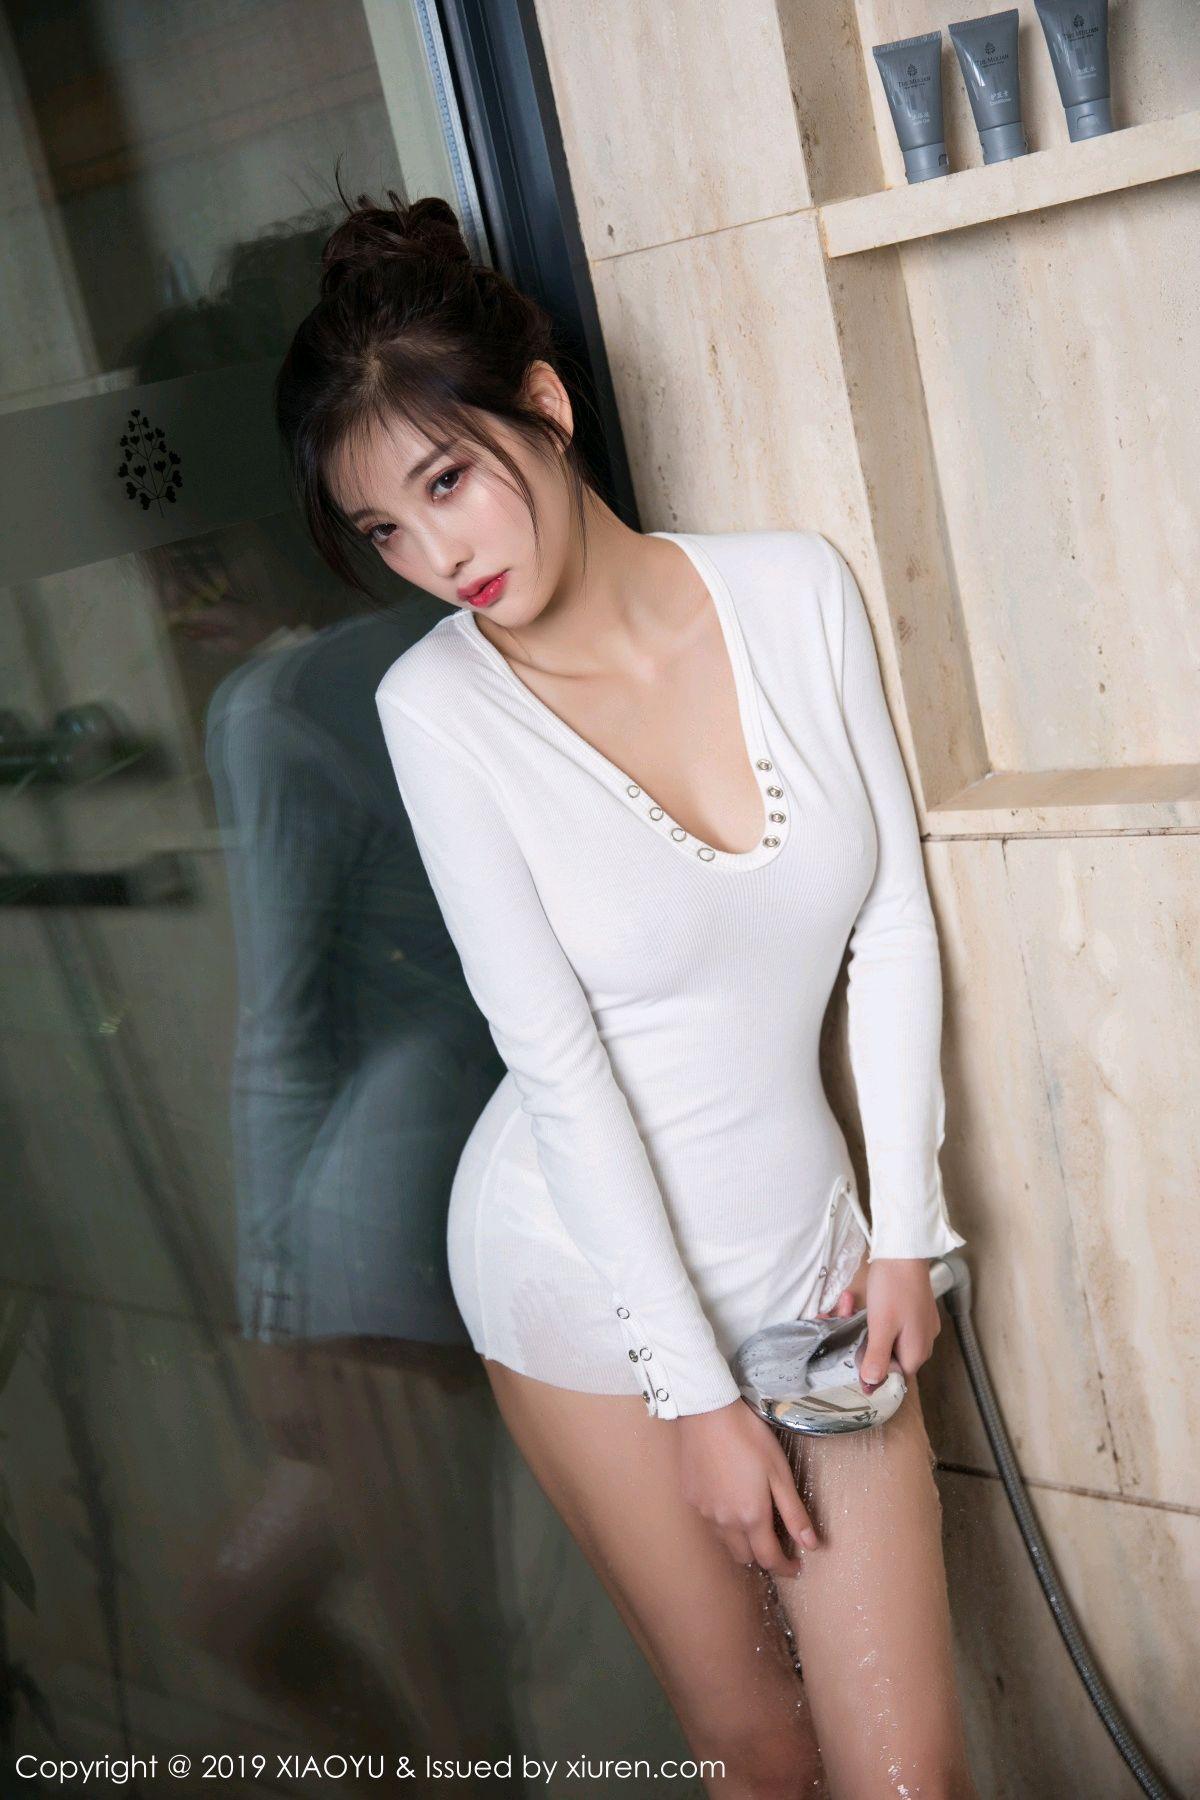 [XiaoYu] Vol.025 Yang Chen Chen 15P, Bathroom, Wet, XiaoYu, Yang Chen Chen